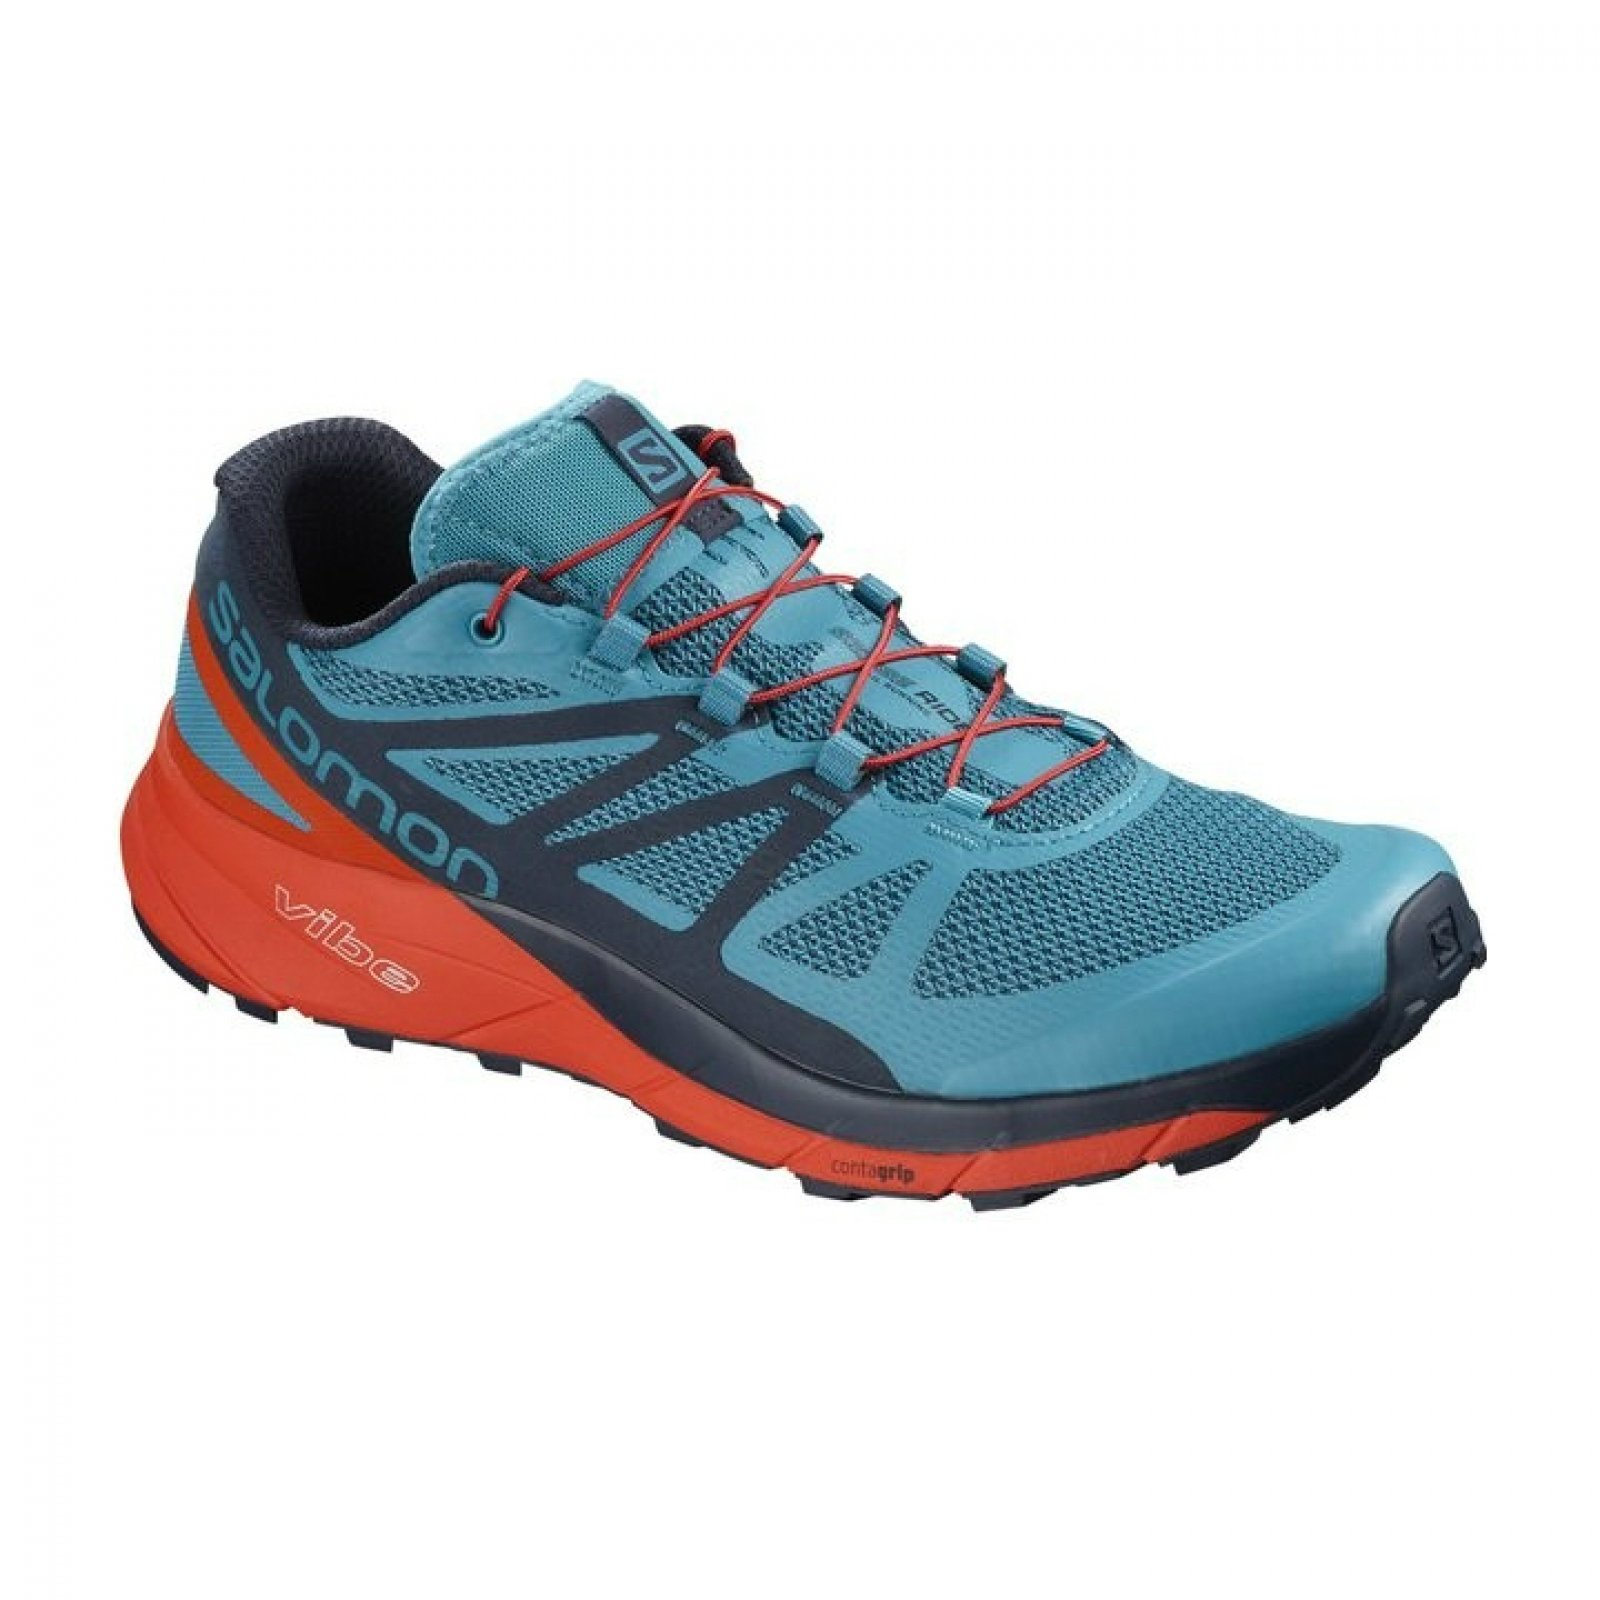 Trailové boty Salomon Sense Ride M L40484800 - Actisport.cz 7d1c70671c3